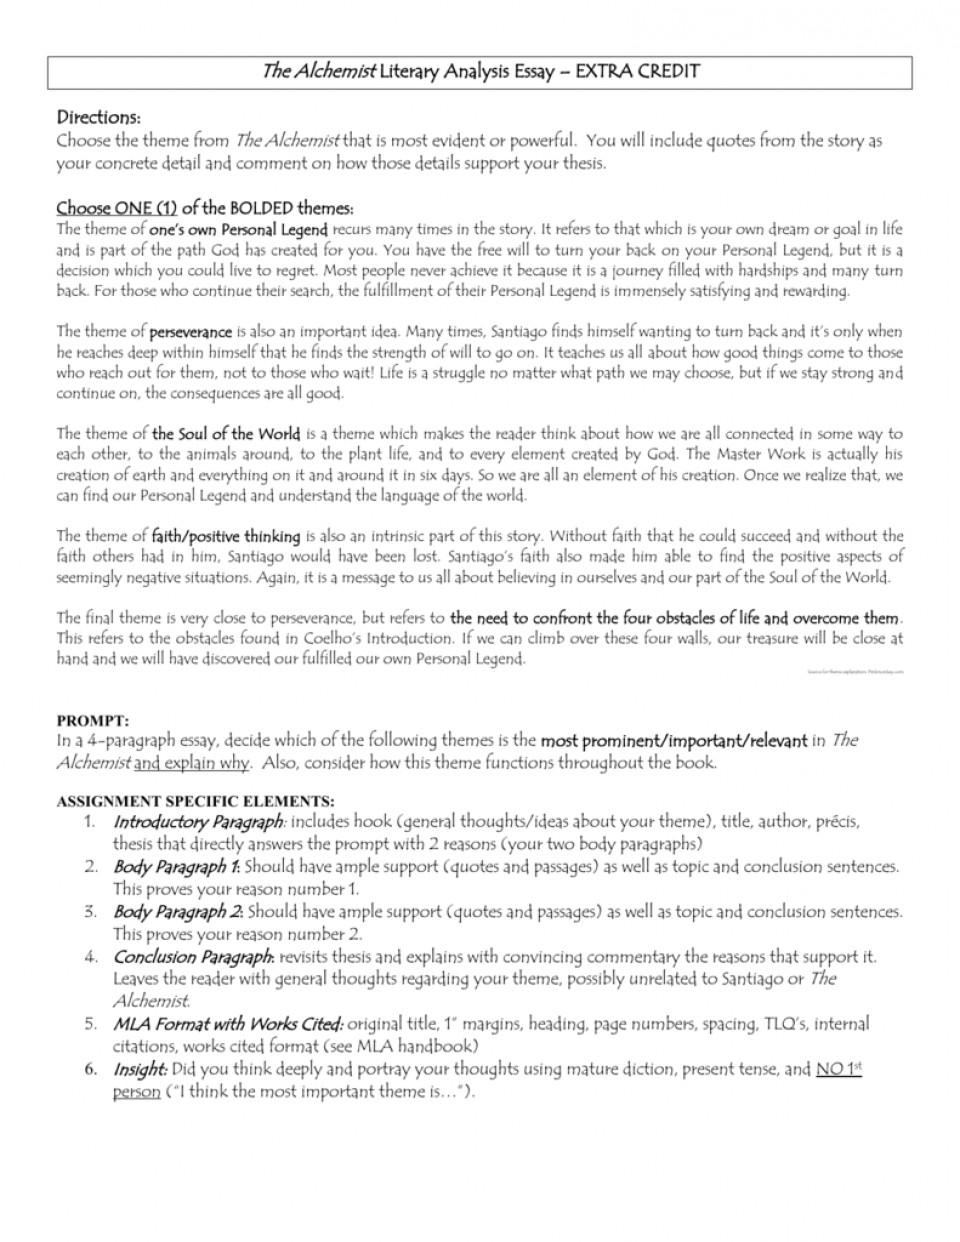 001 008272369 1 The Alchemist Essay Remarkable Ben Jonson Questions Outline Thesis 960